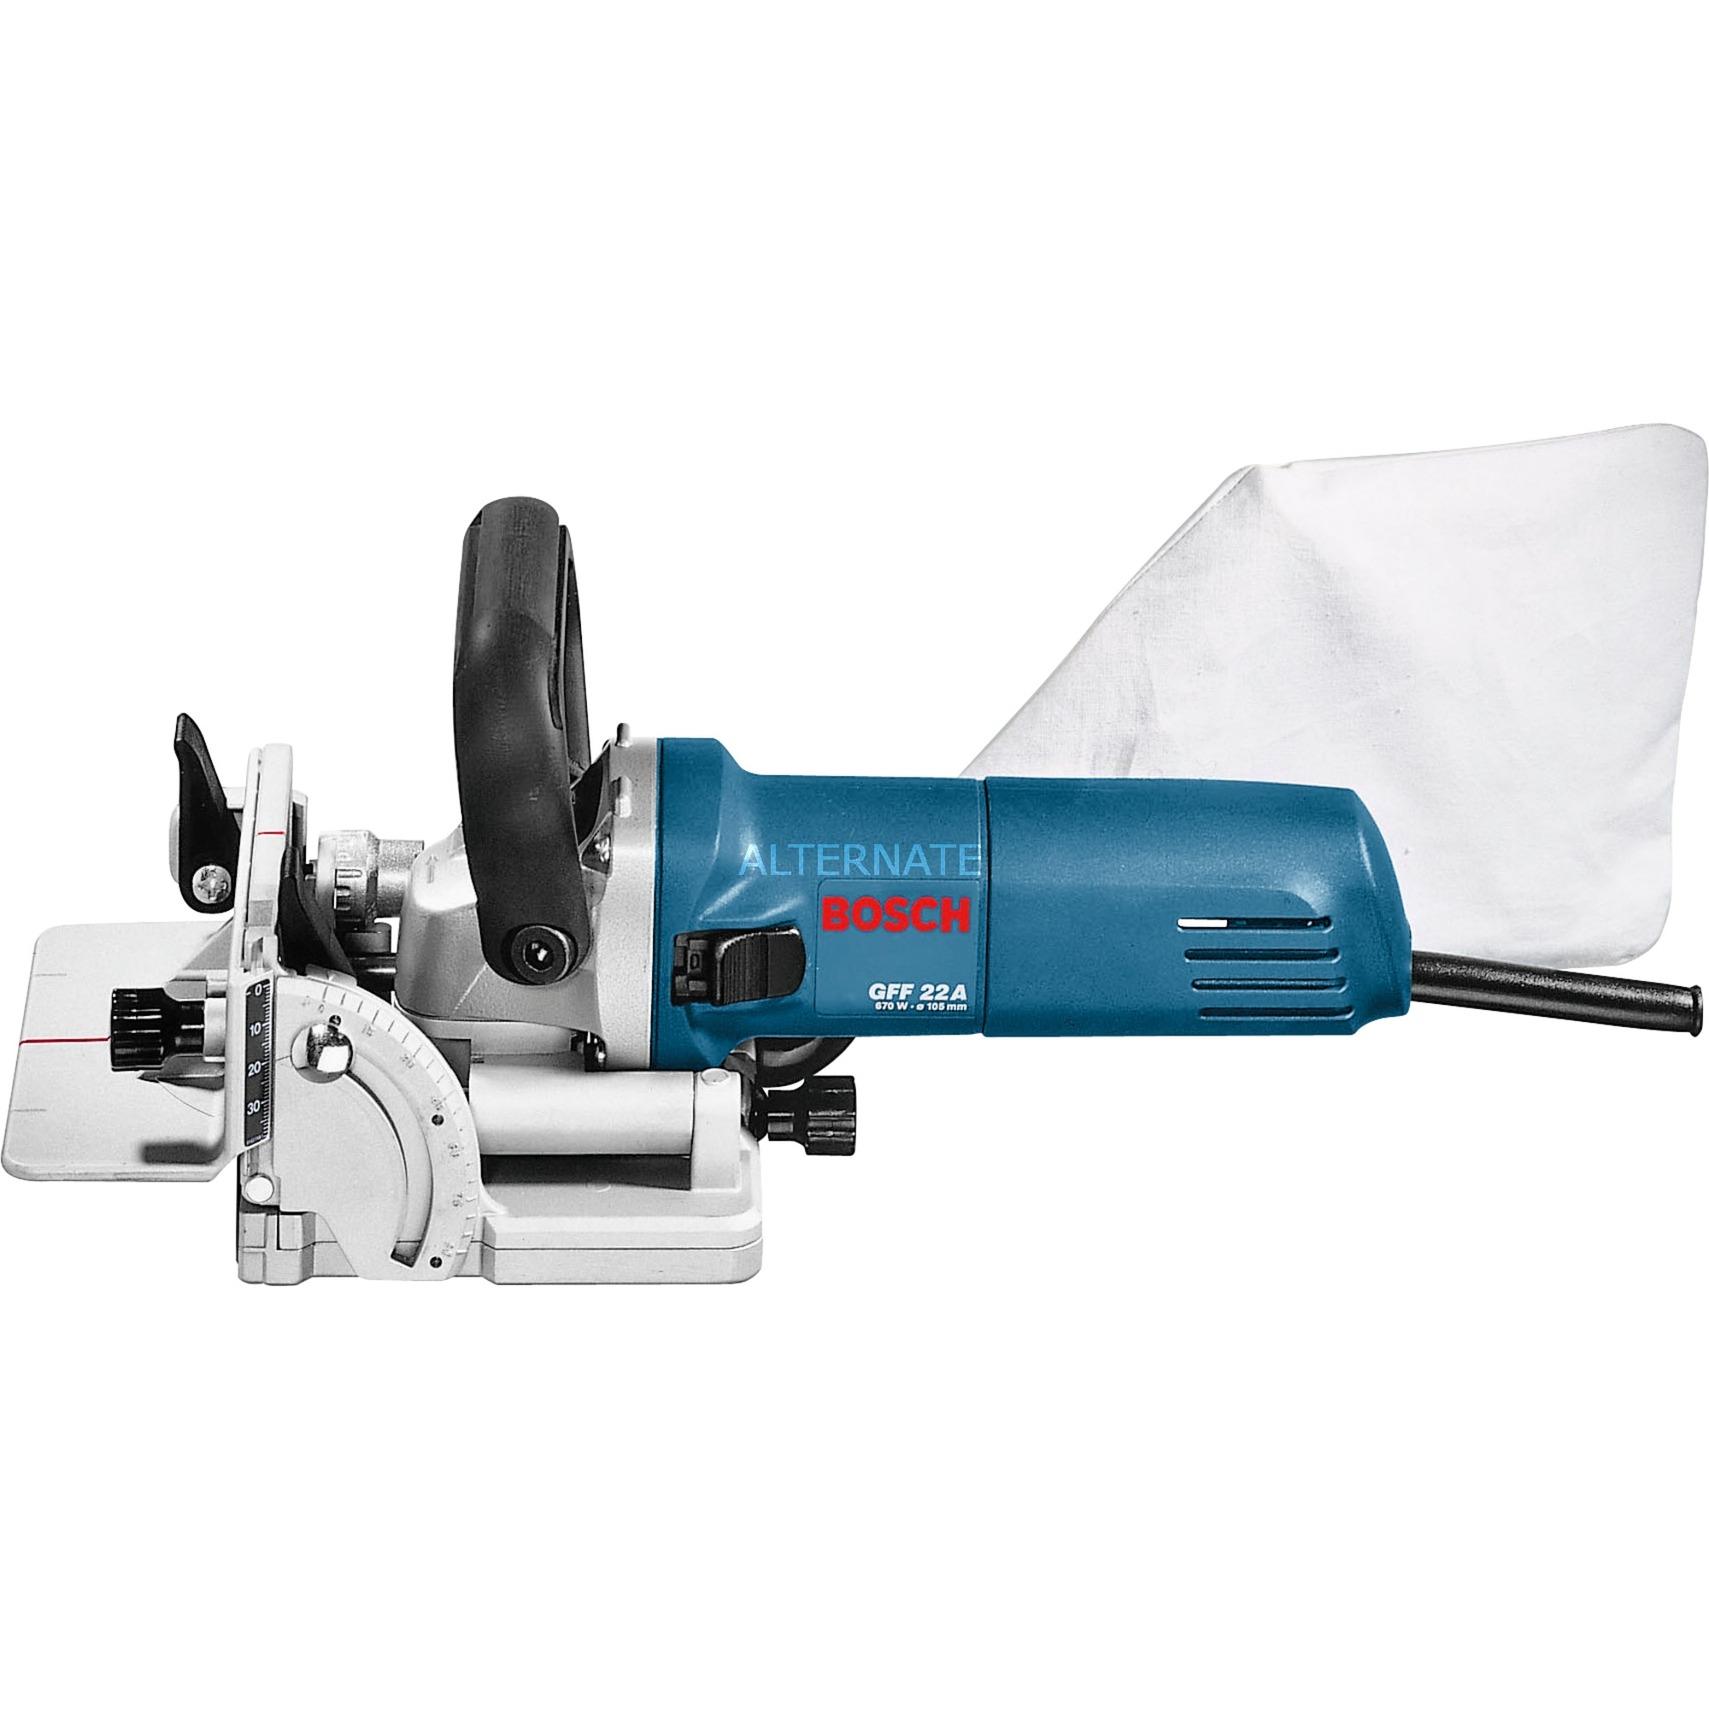 GFF 22 A 9000 RPM Azul 670 W, Esamblaje con galleta